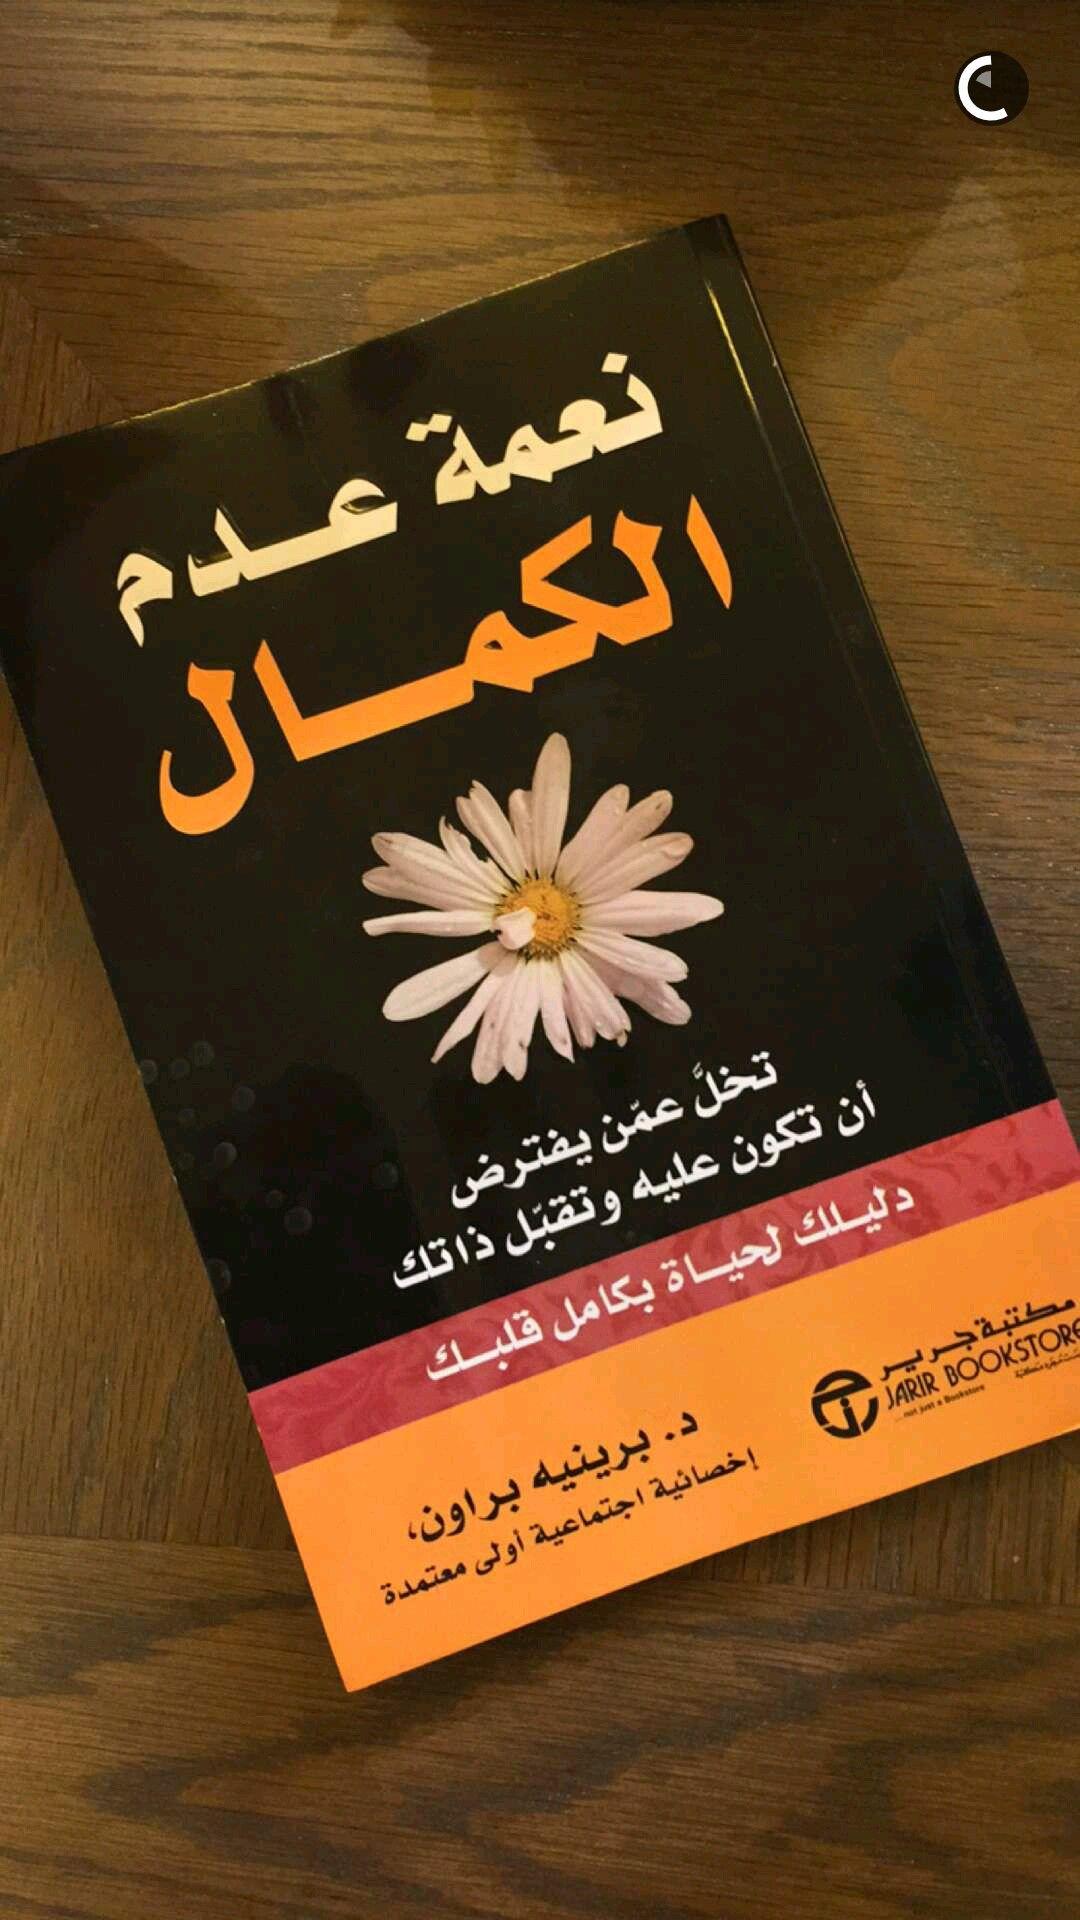 كتاب نعمة عدم الكمال